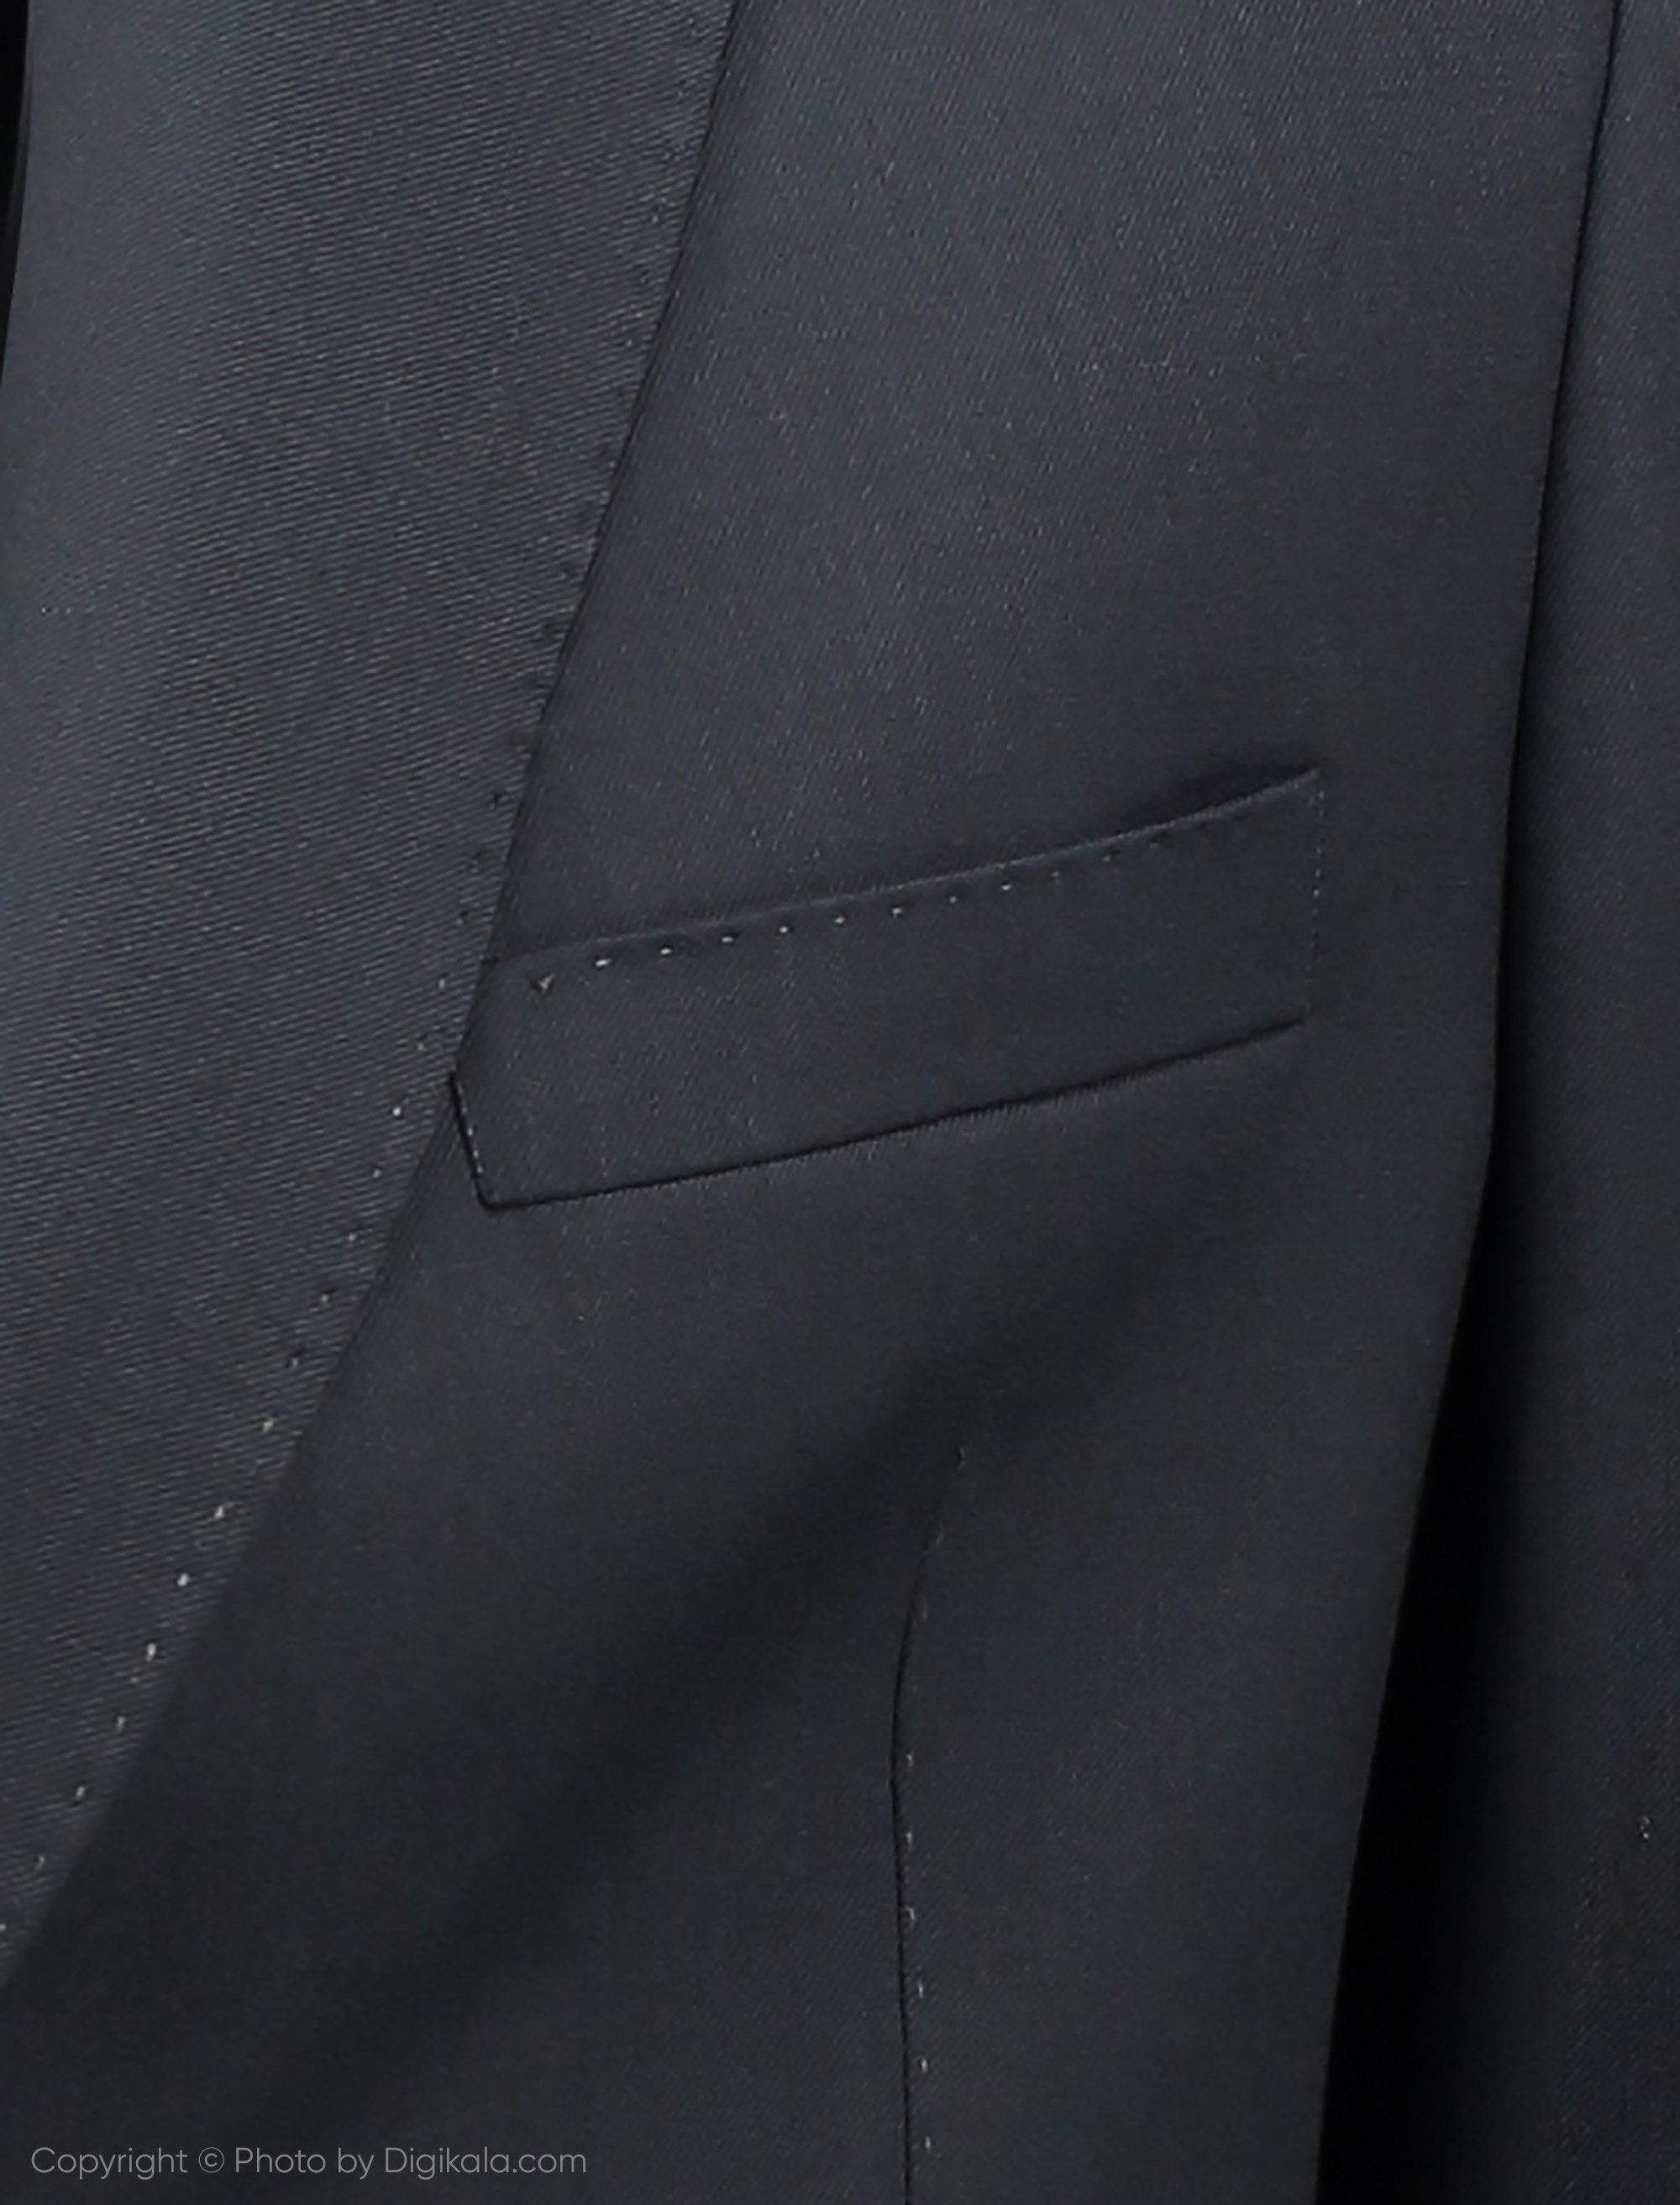 کت و شلوار مردانه آیسی مدل 1161152-94